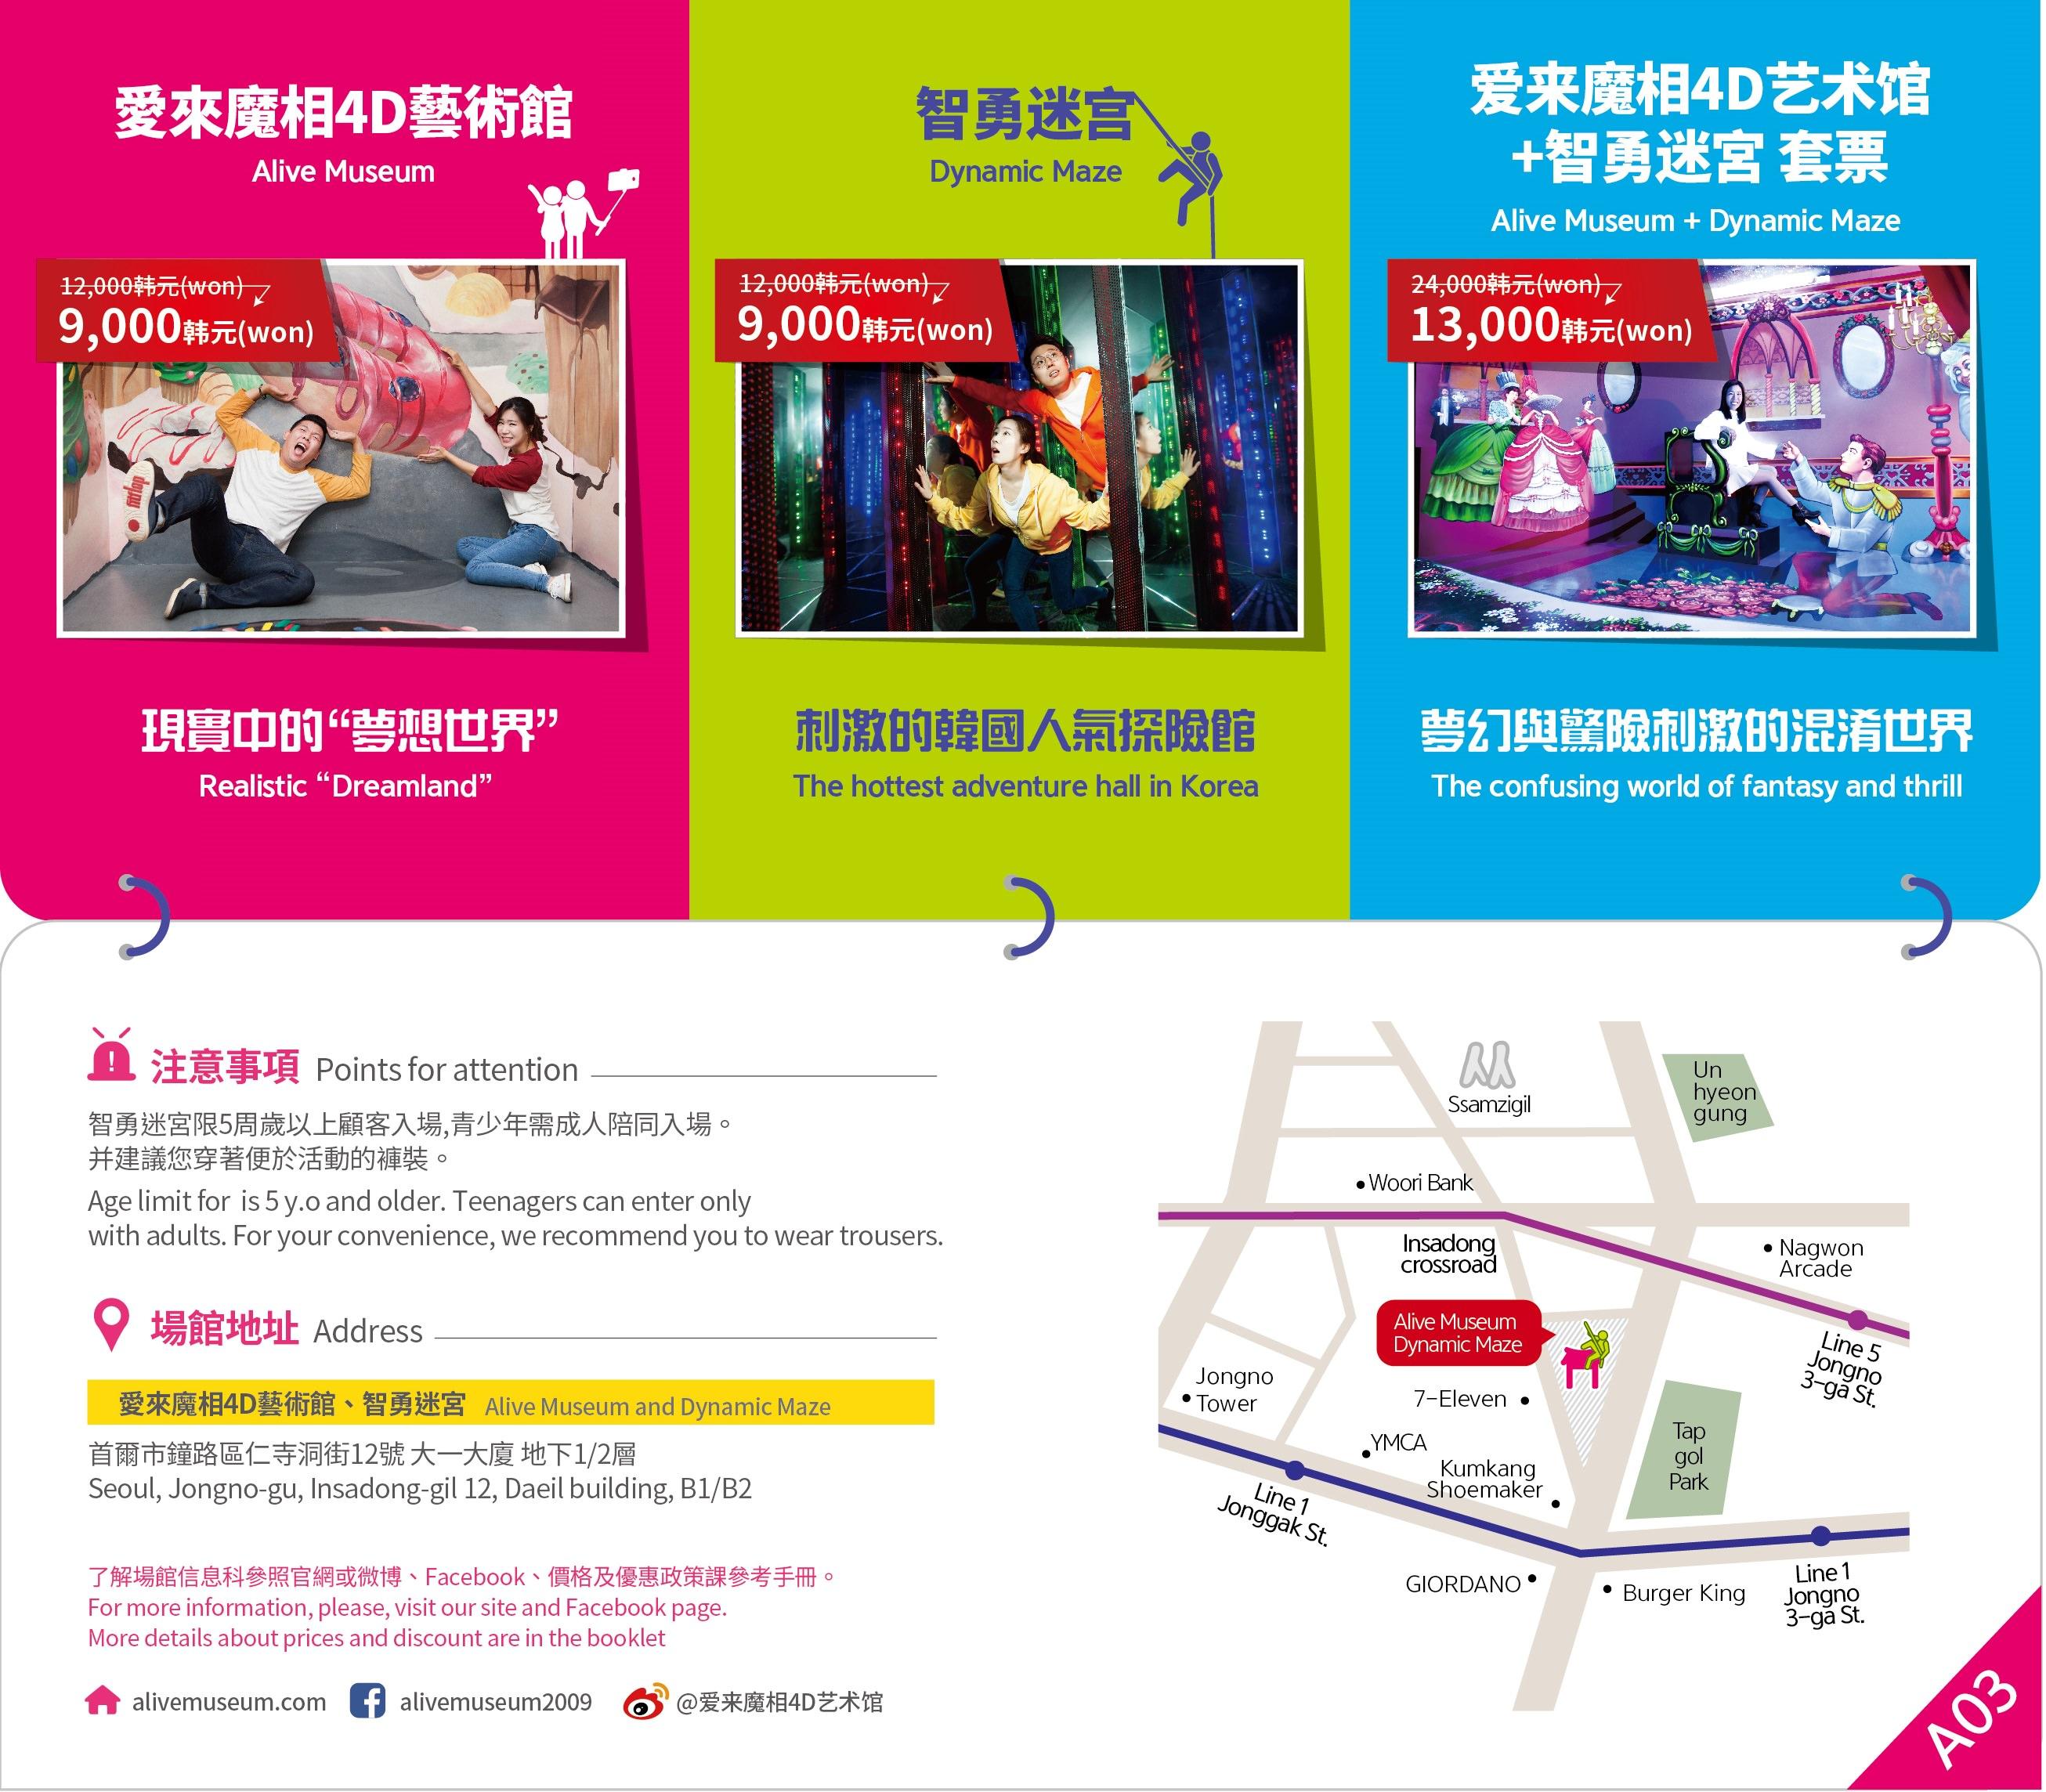 【獨家優惠卷】首爾仁寺洞 『愛來魔相 4D藝術館』 、『智勇迷宮』享入場門票折扣